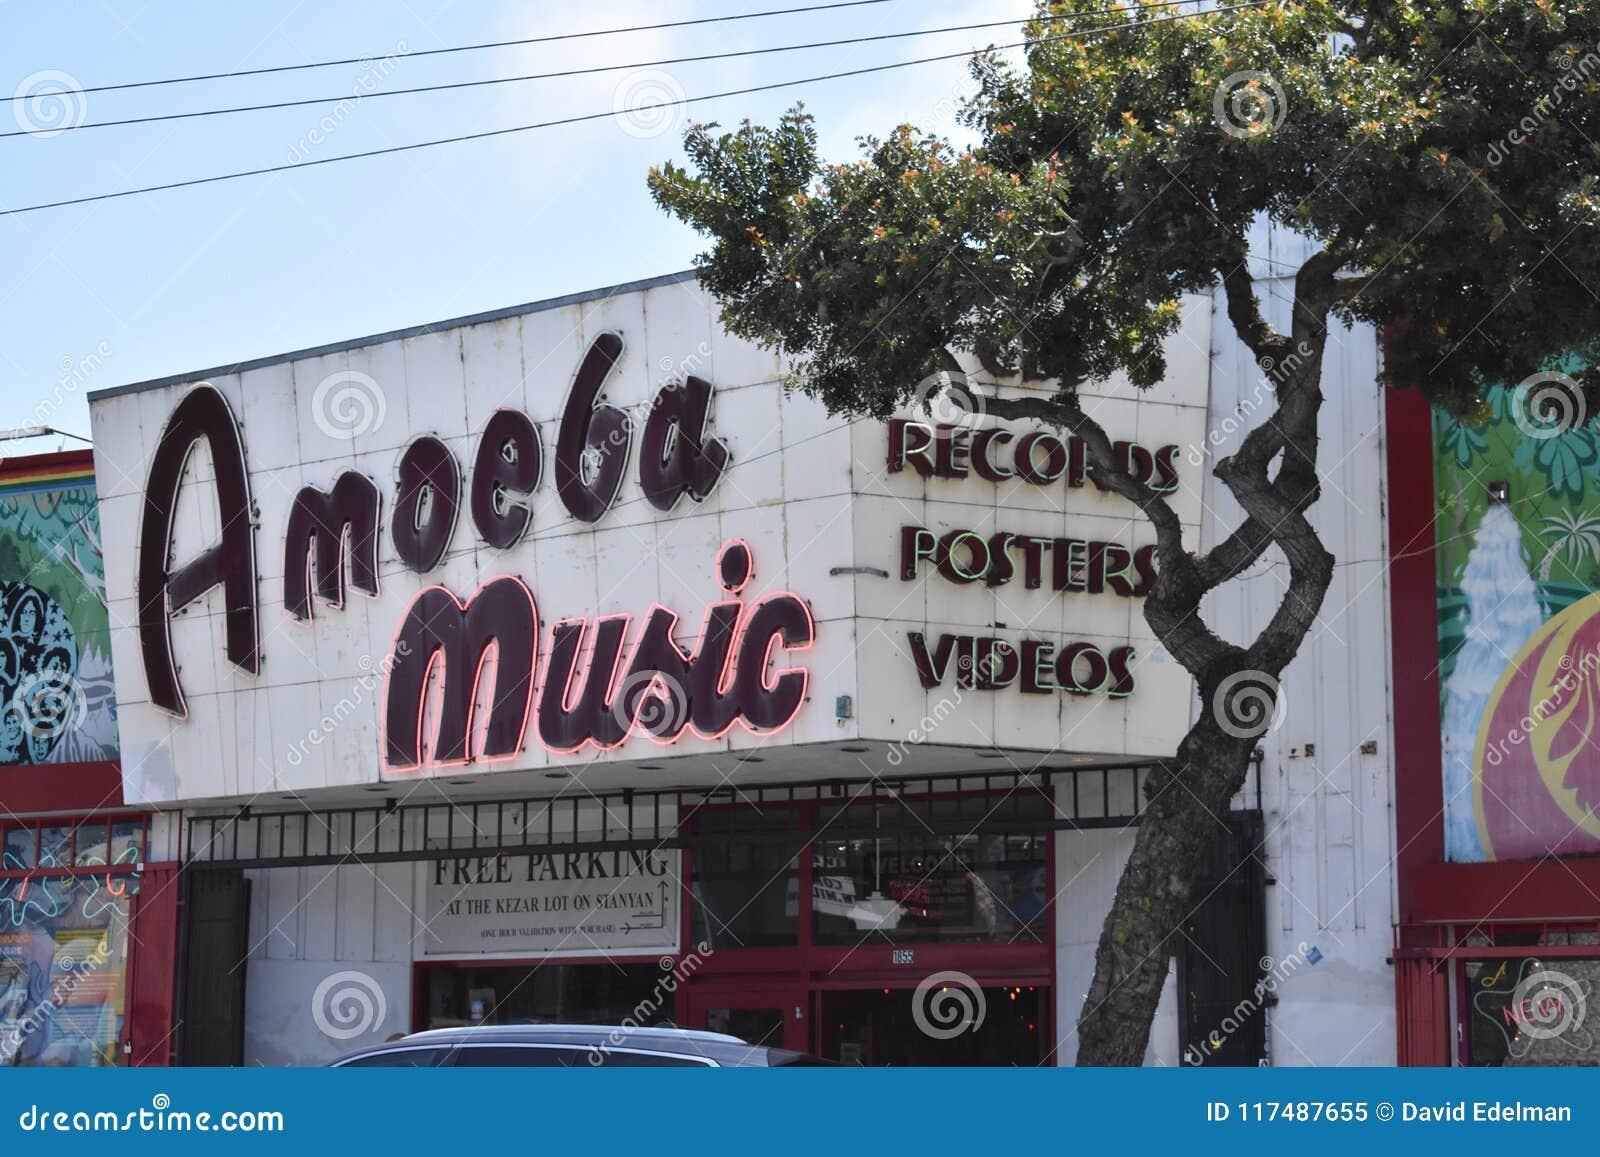 Von der Park-Schüsselgasse zu Amoeba Music, 1